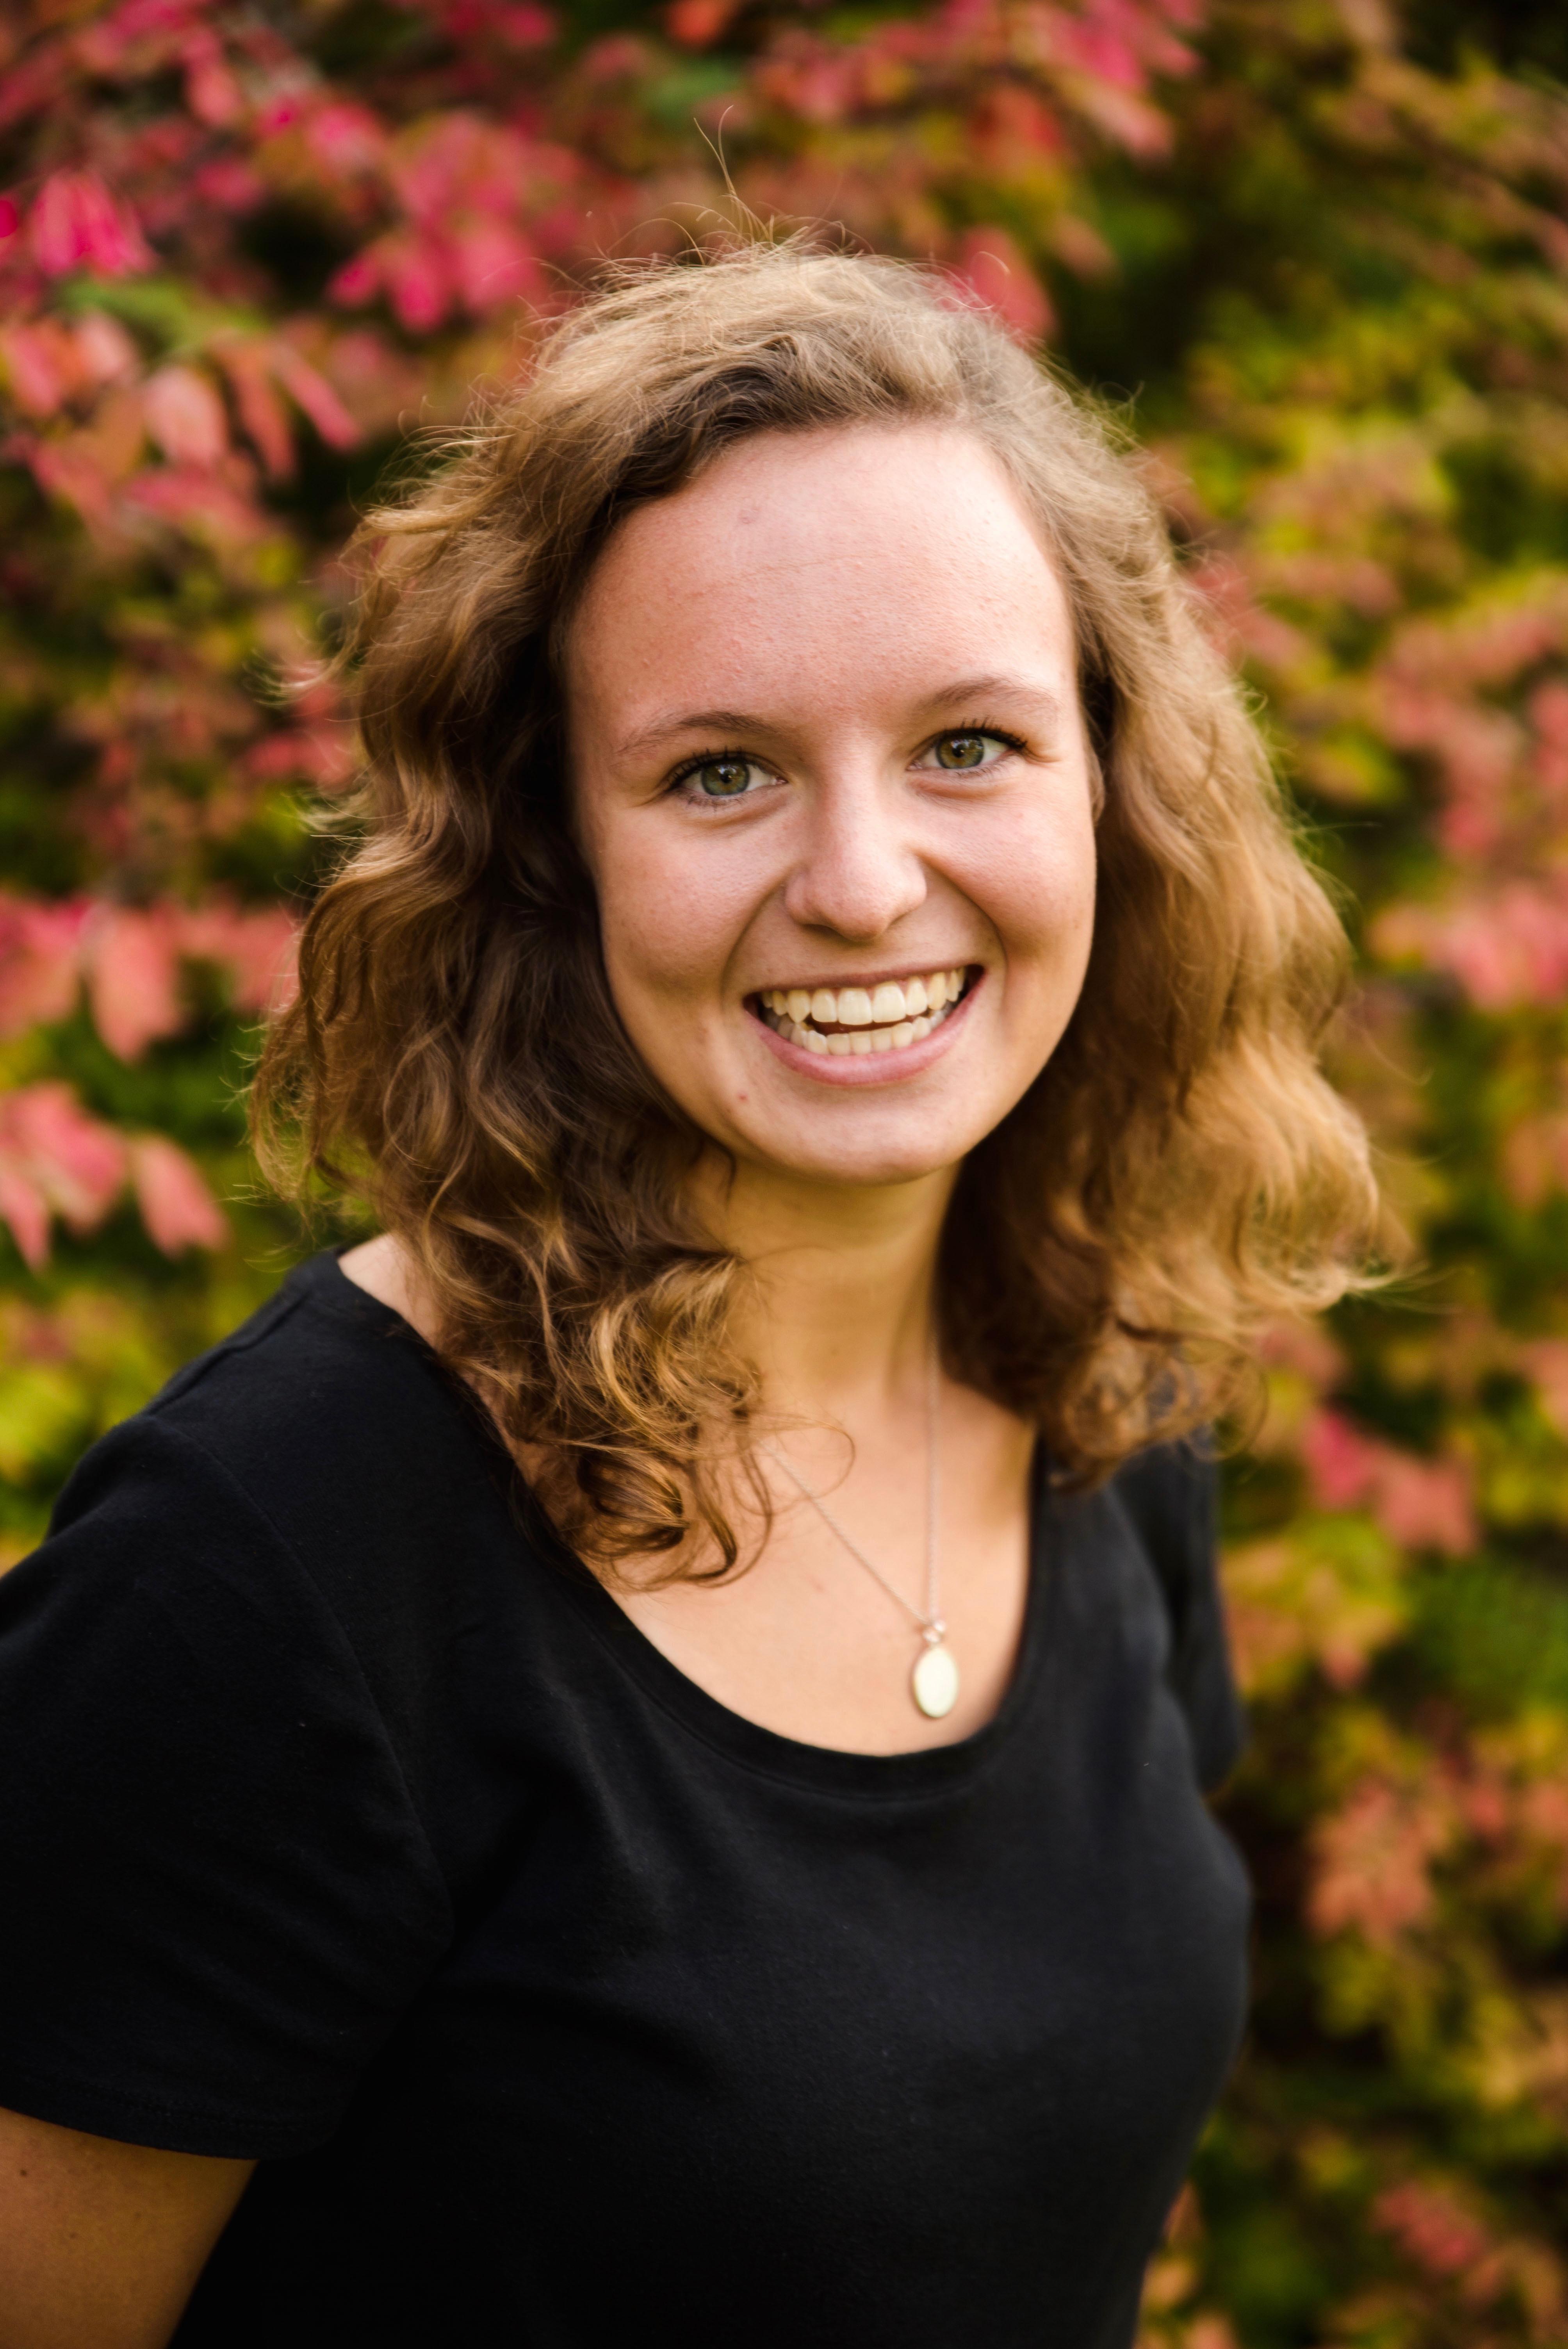 Photo of Morgan Grunow